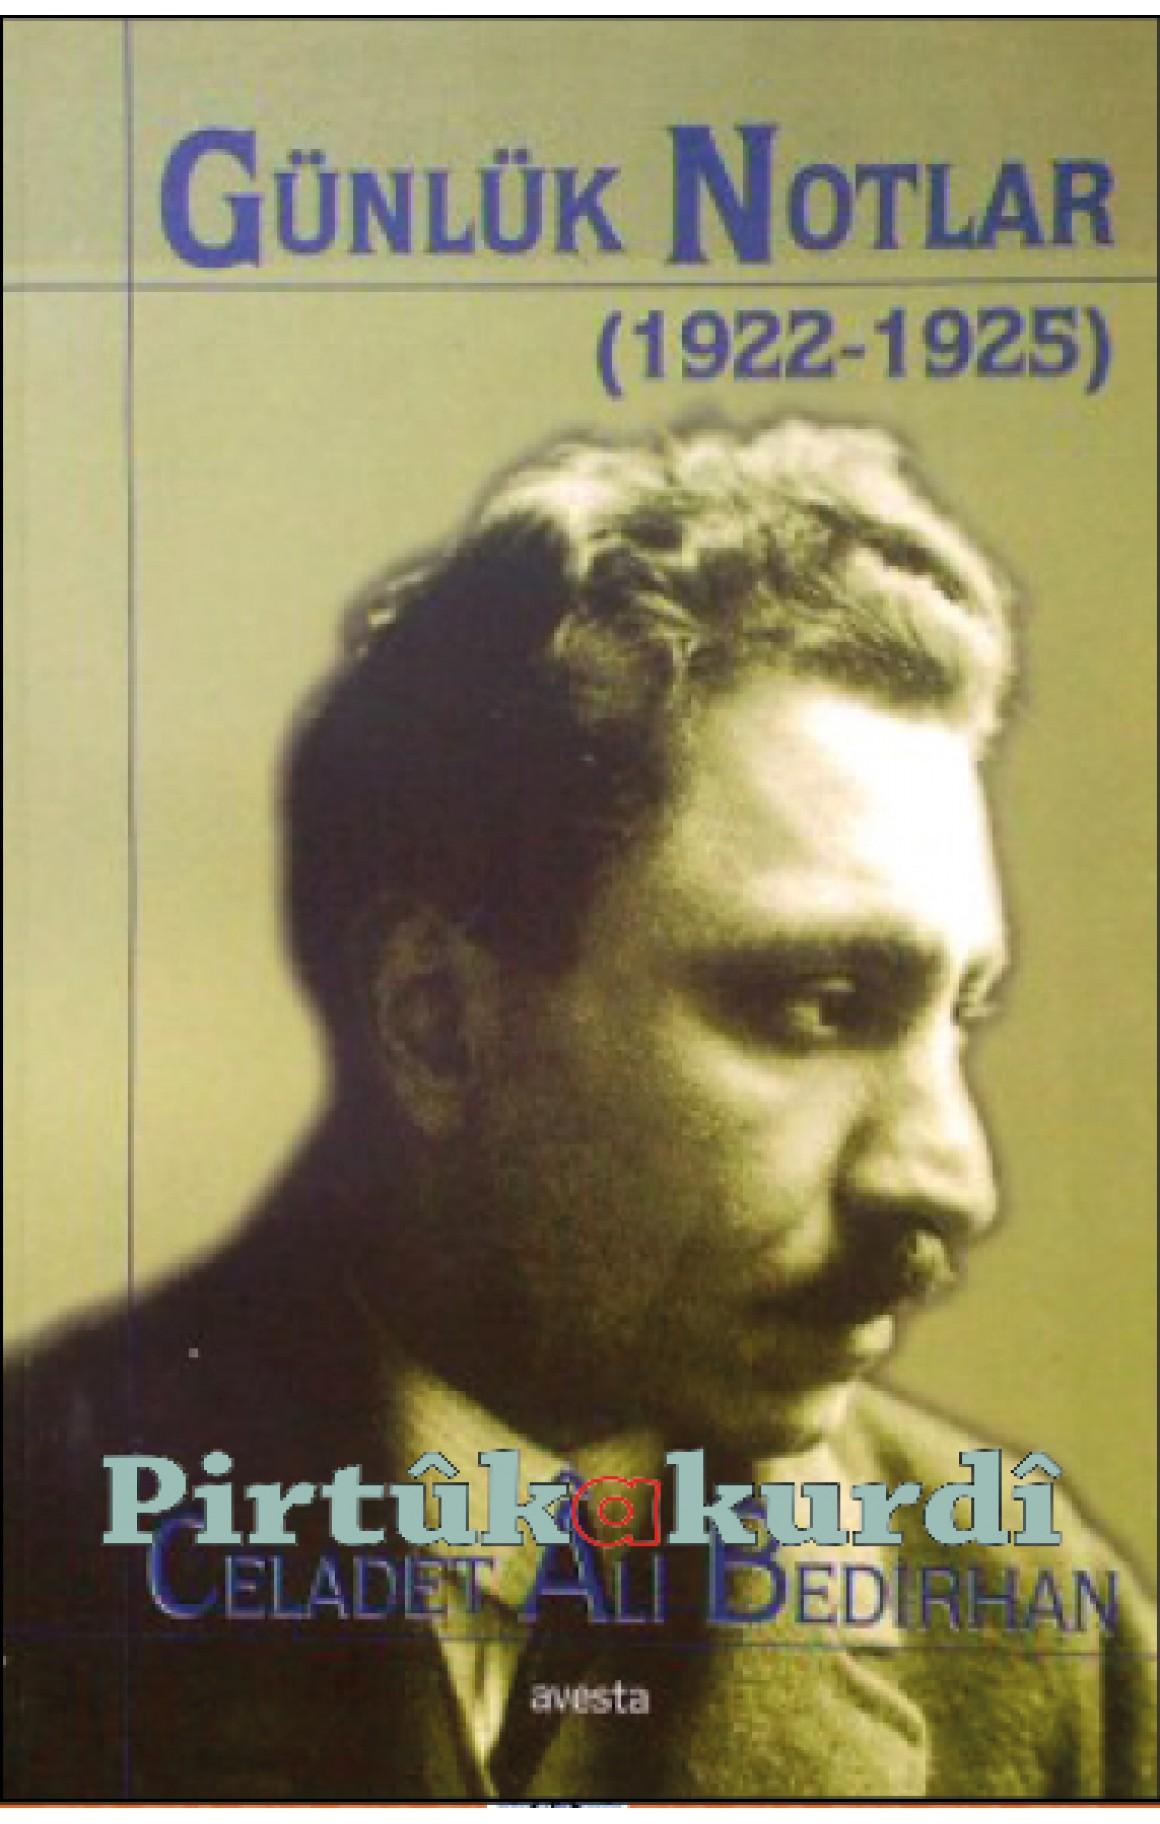 Günlük Notlar (1922-1925)